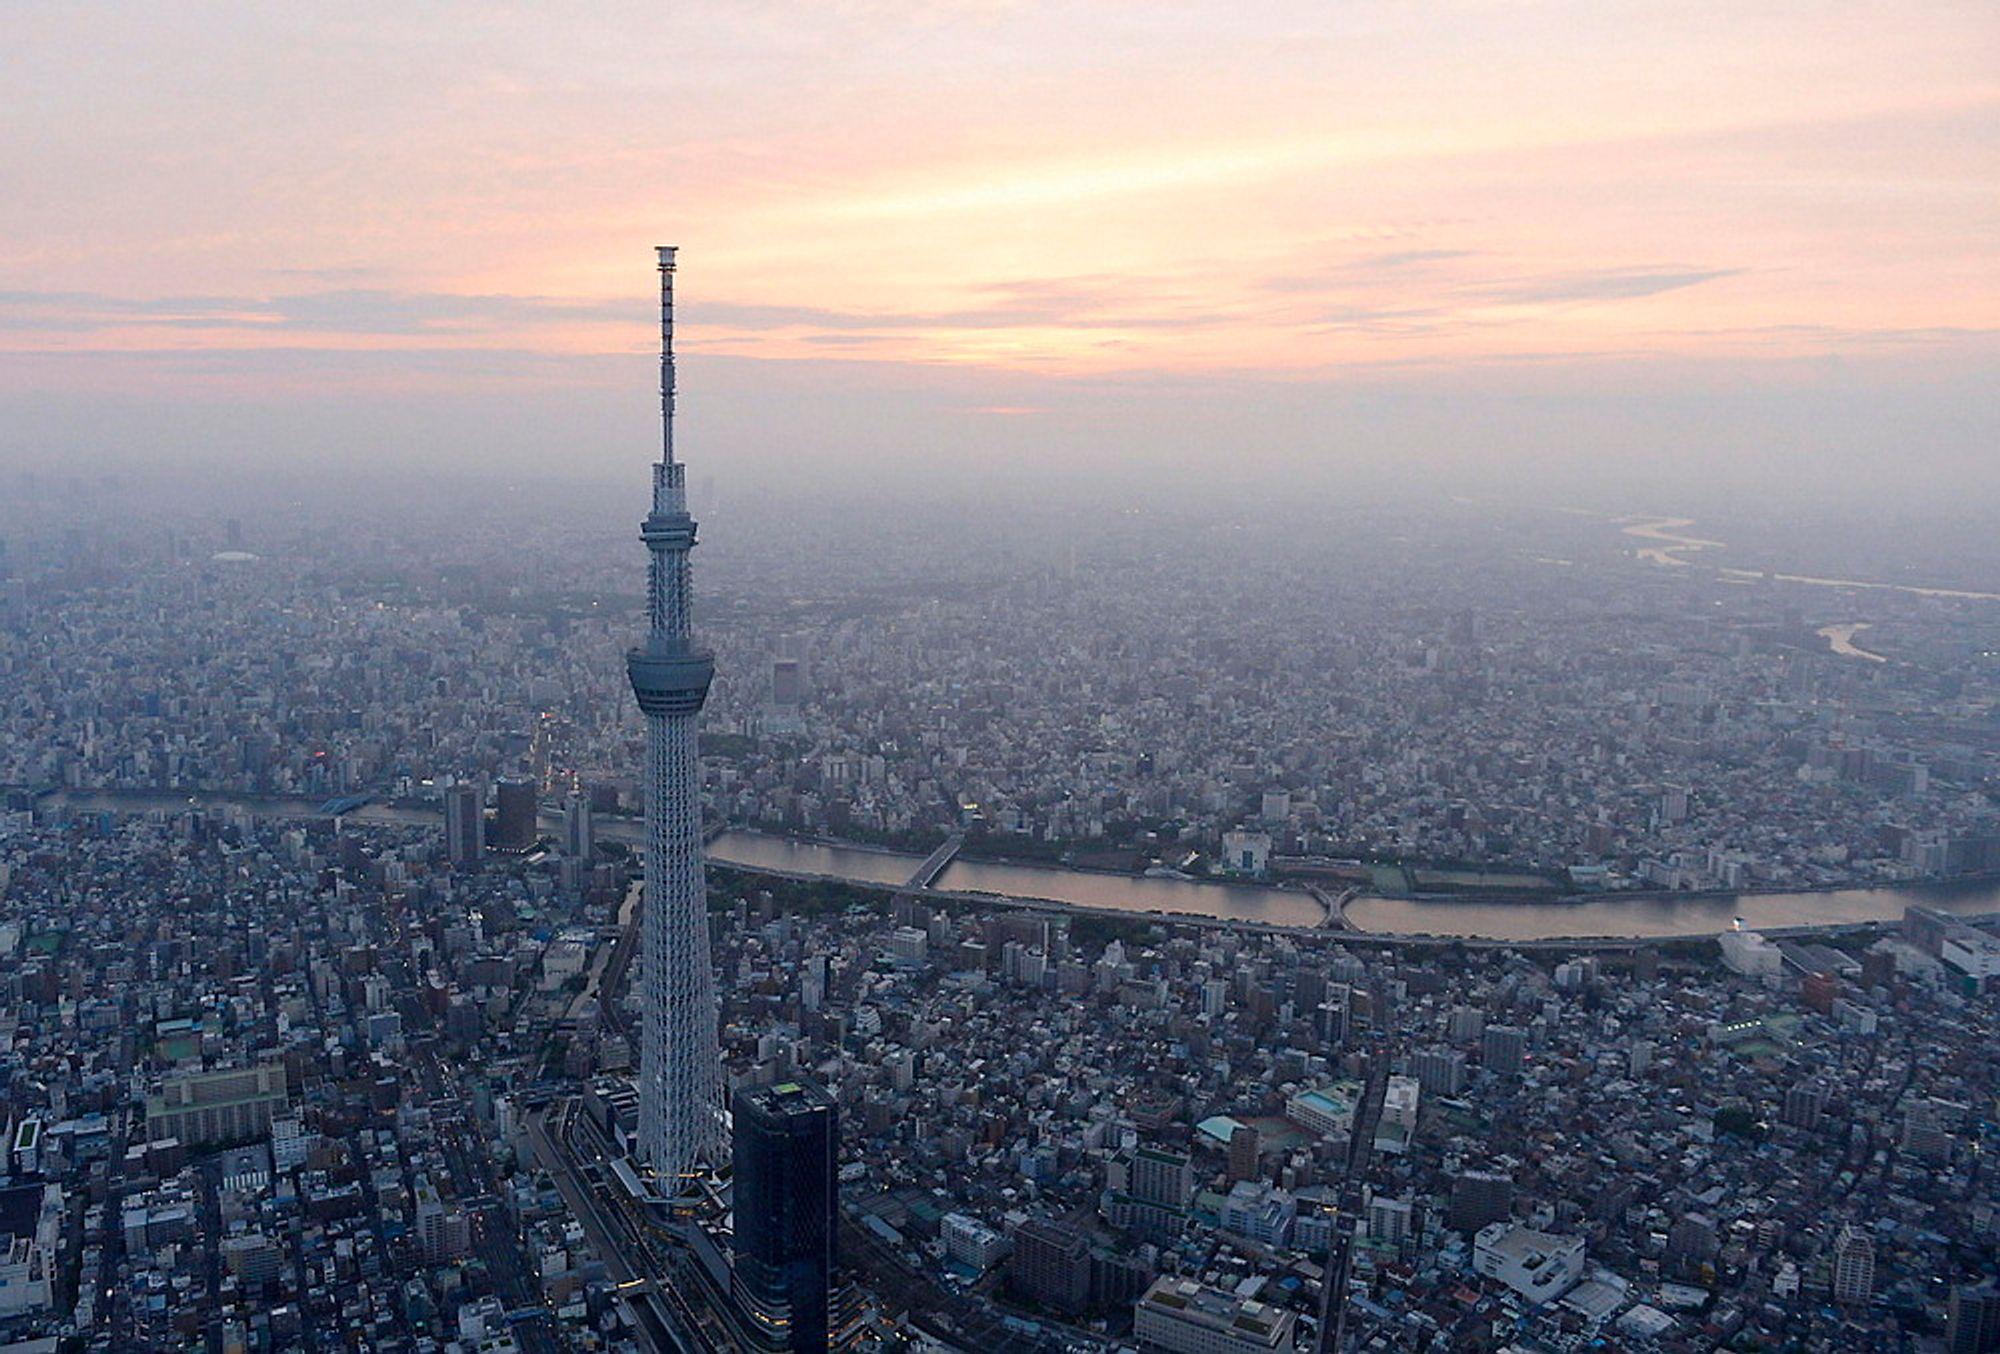 VERDENS HØYESTE: Tokyo Skytree rager godt over millionbyen.